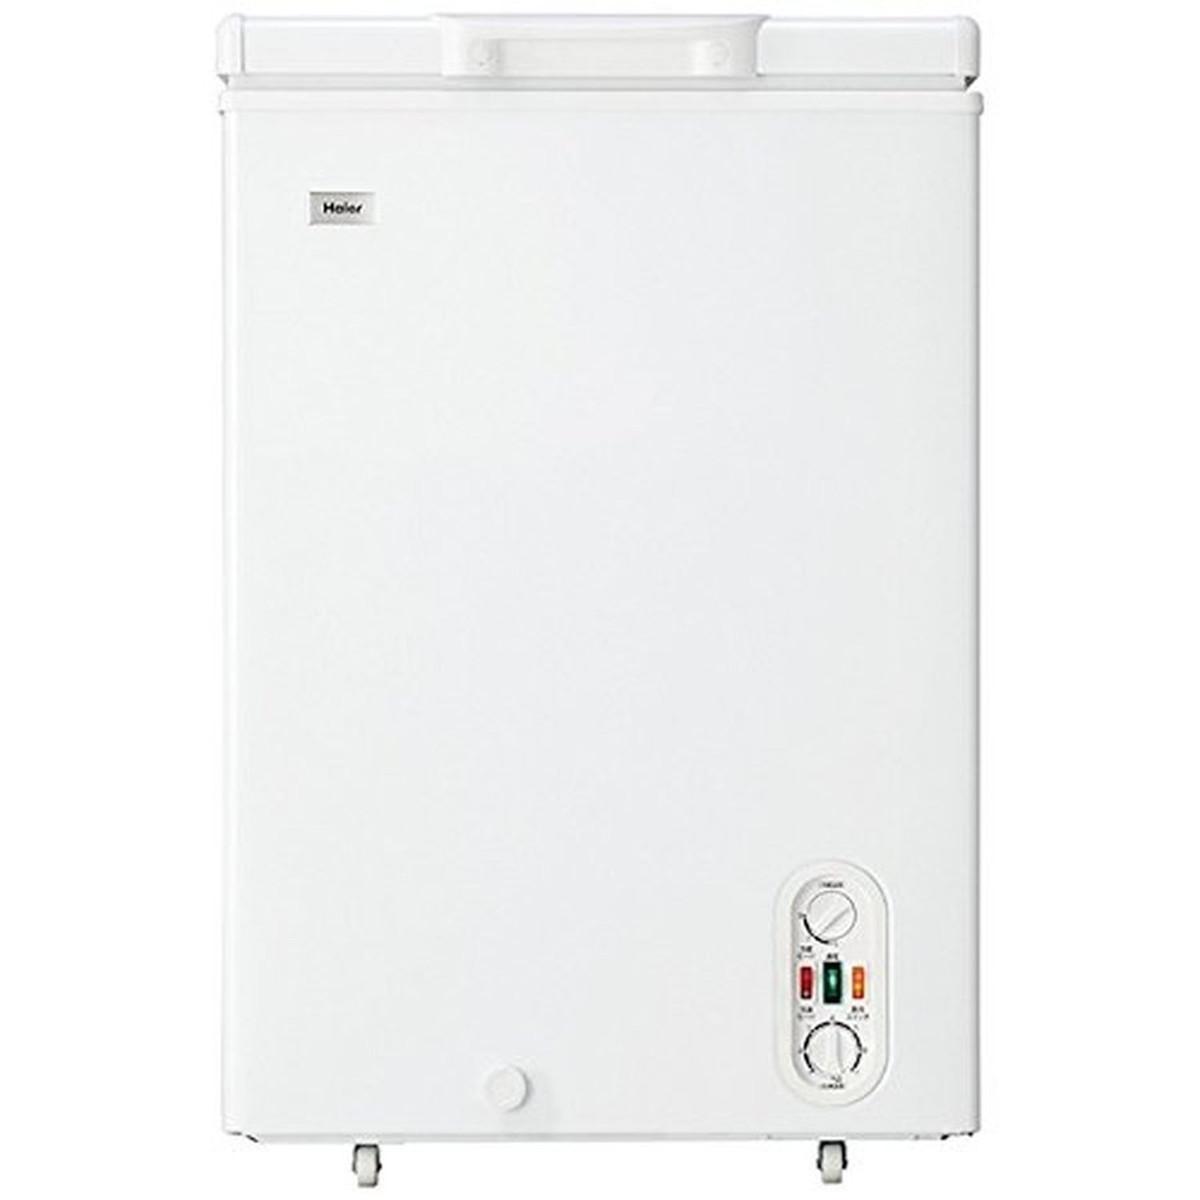 【エントリーでポイント9倍】【5月下旬入荷予定】ハイアール 103L チェストタイプ 冷凍庫(フリーザー)直冷式 ホワイトHaier JF-WNC103F(W)【05/09 20:00~05/16 01:59】